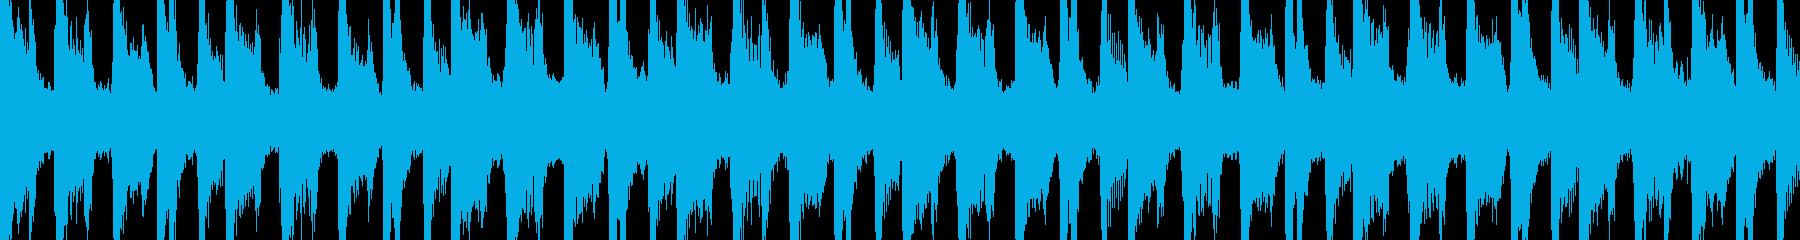 エキゾチックでシンプルなダンスLoopの再生済みの波形